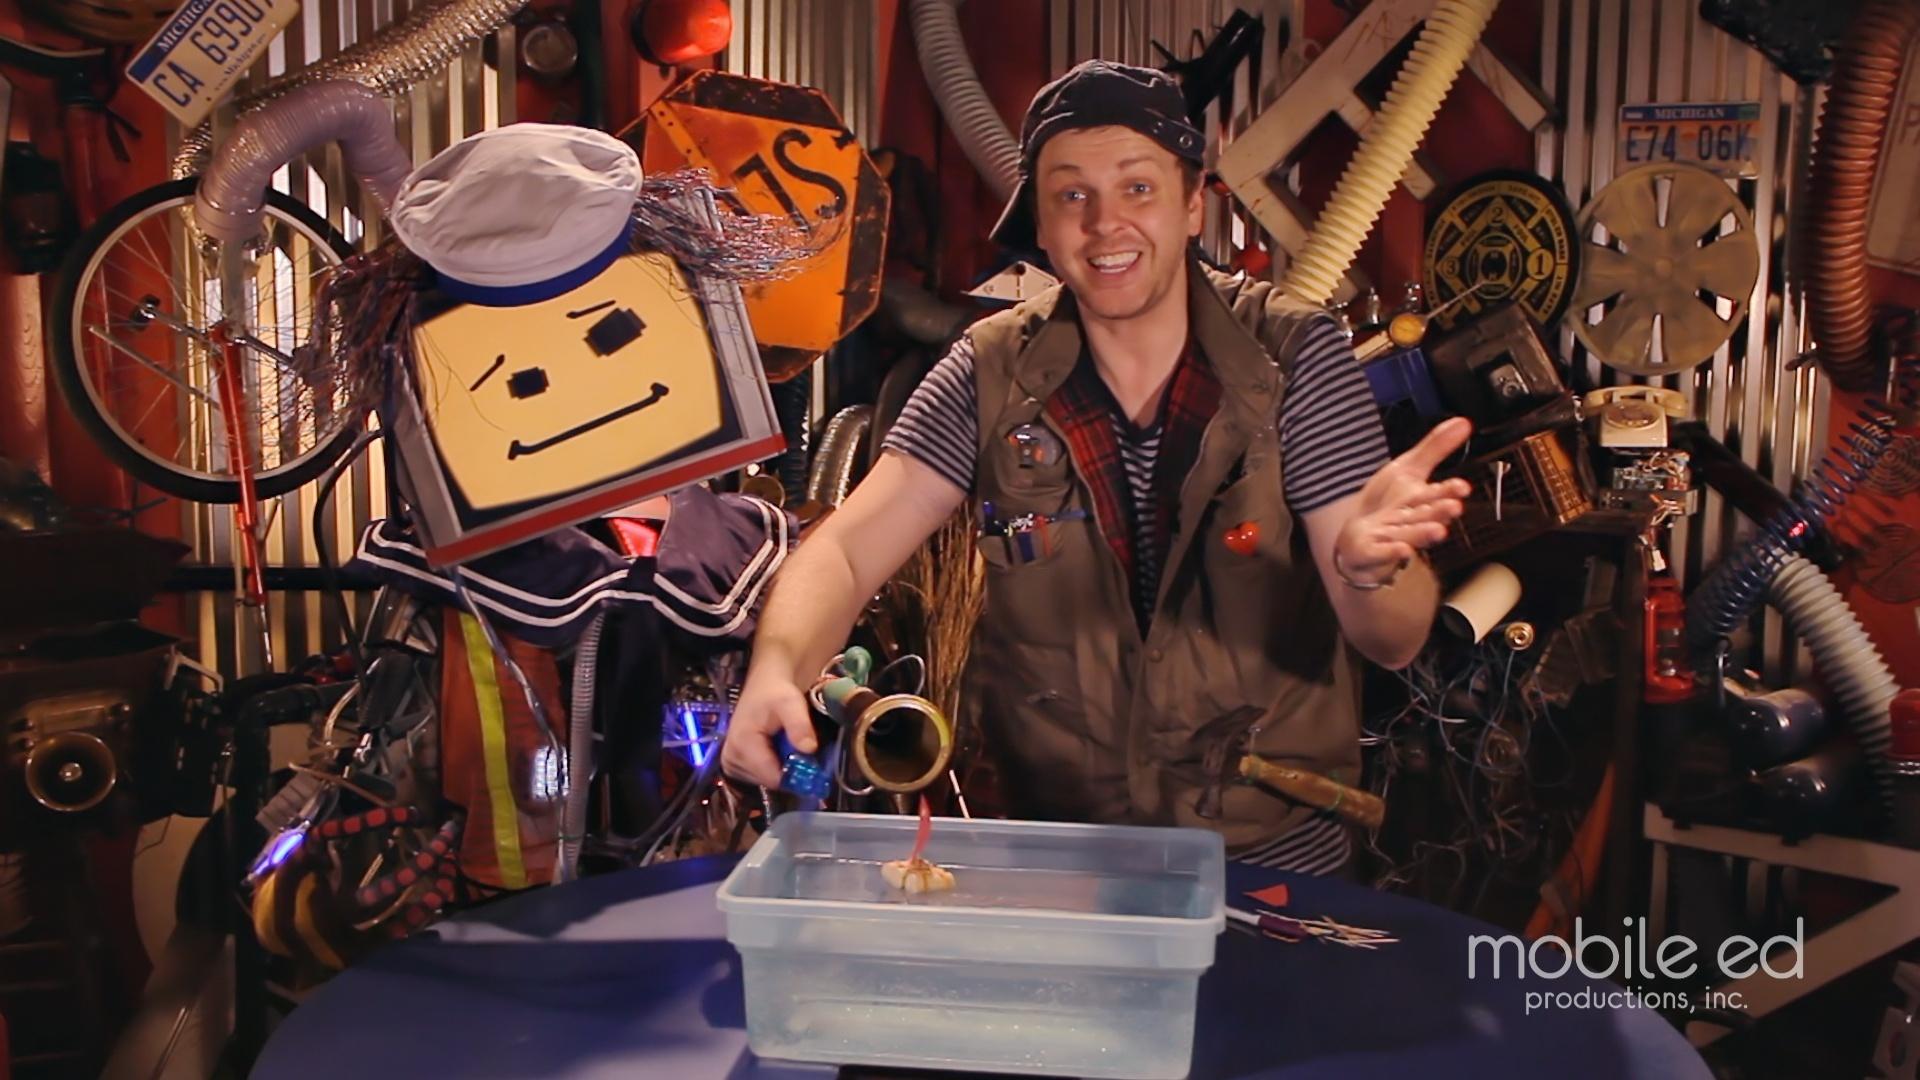 Make your own sailboat | Handy Dan the Junkyard Man | Mobile Ed Productions